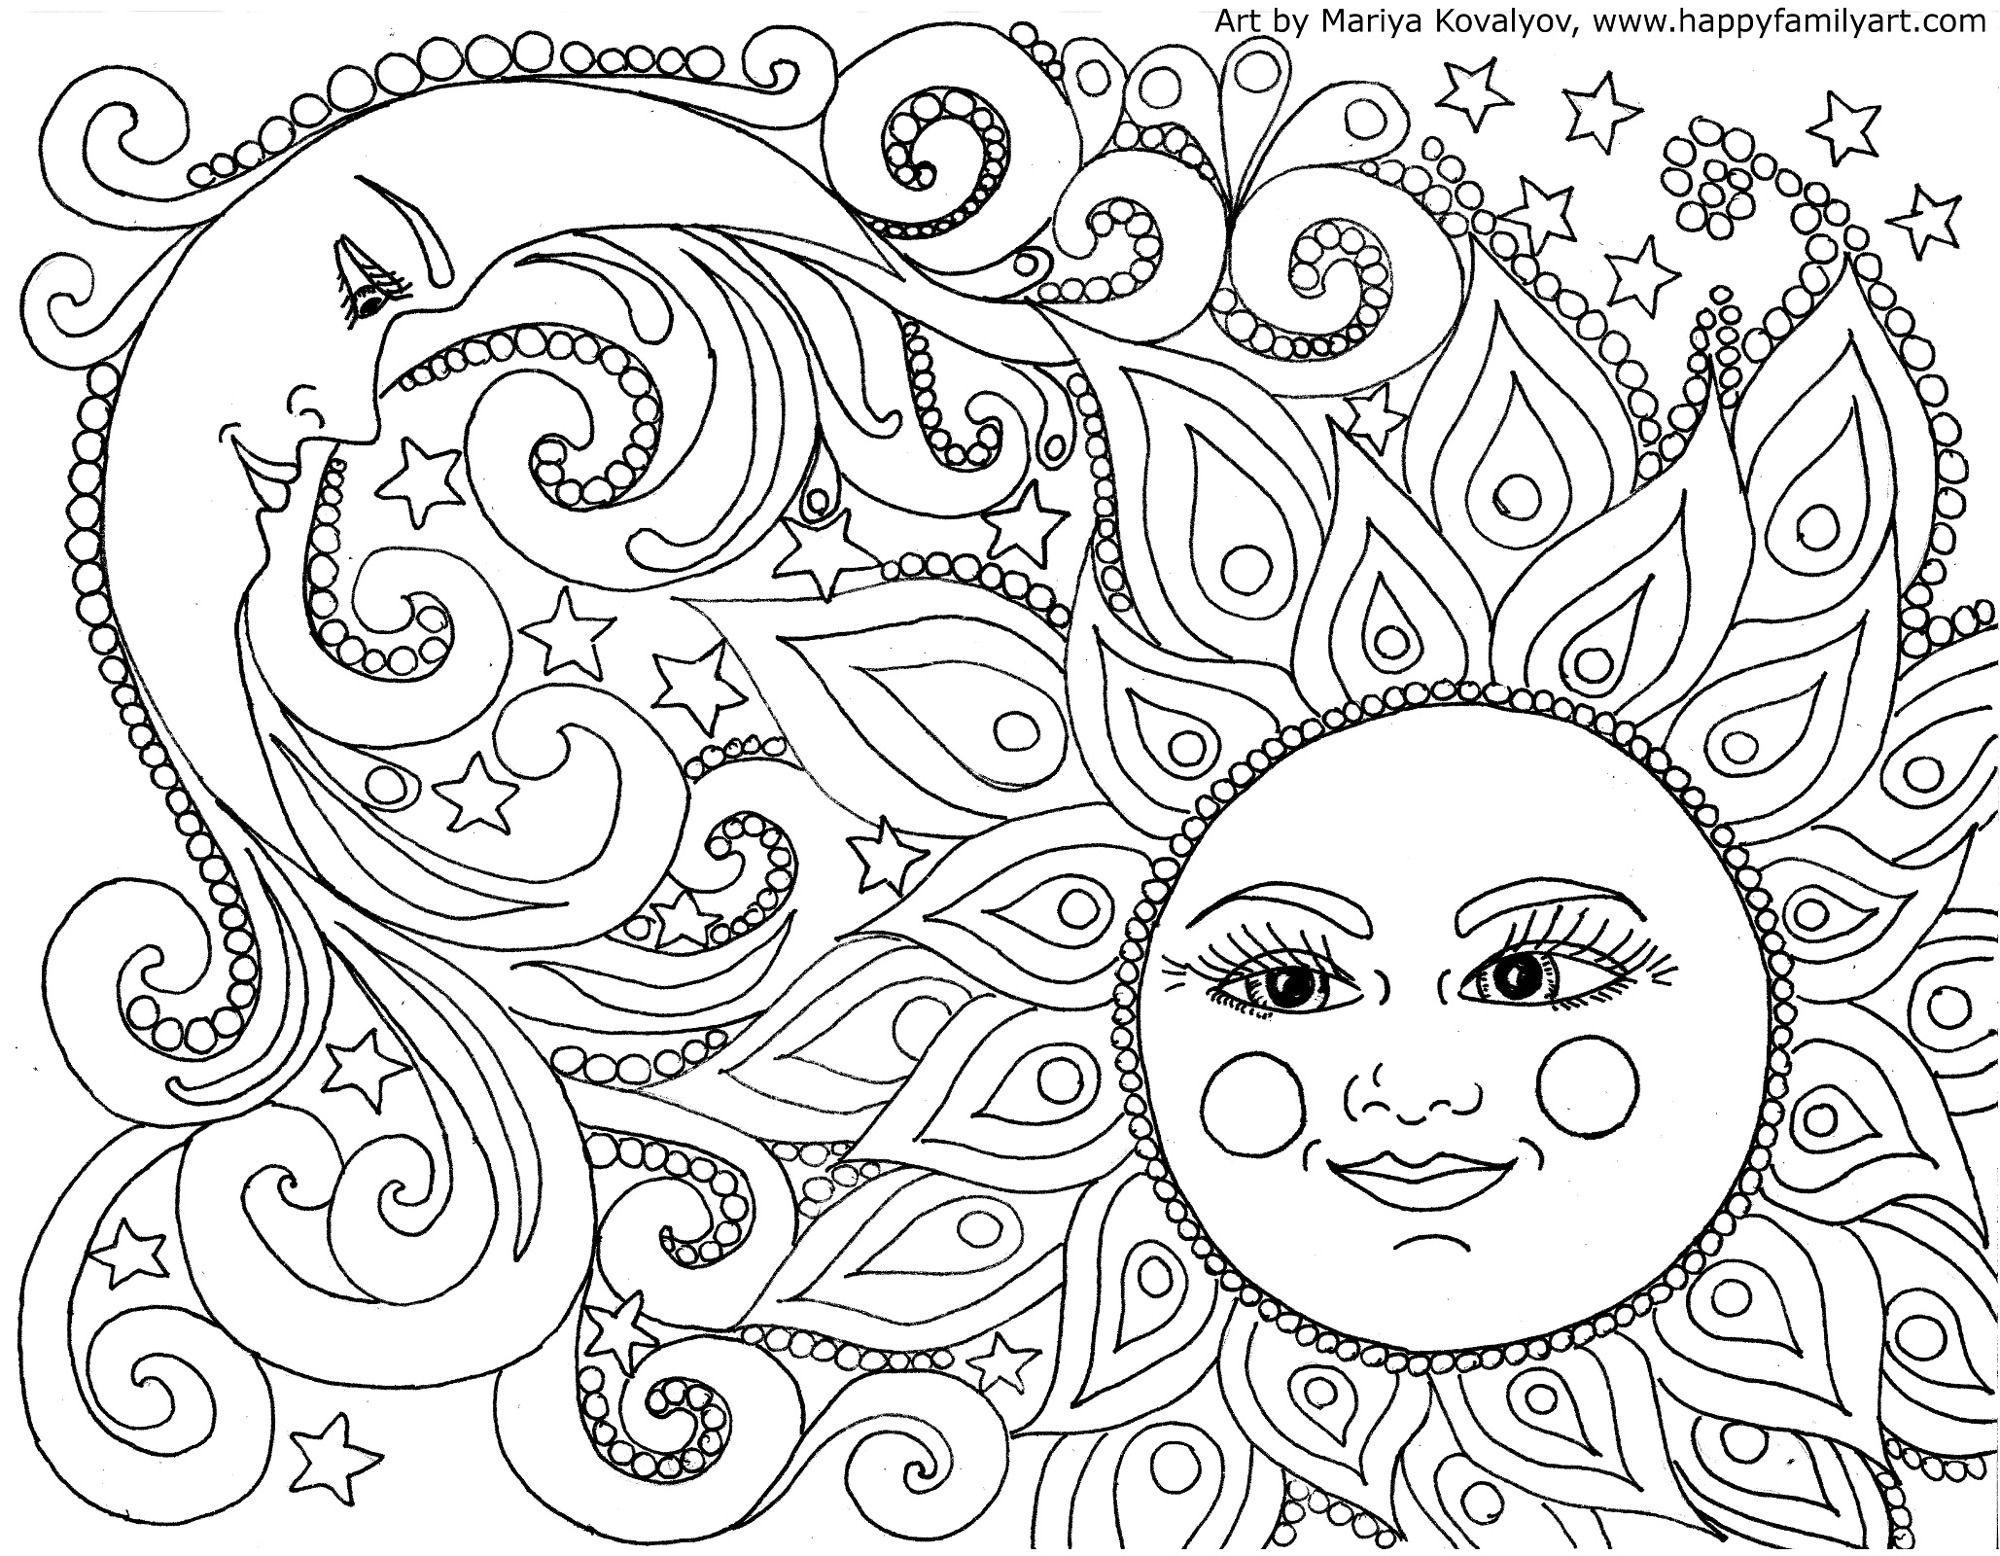 2000x1556 Printable Free Printable Mandalas Kids Best Coloring Pages